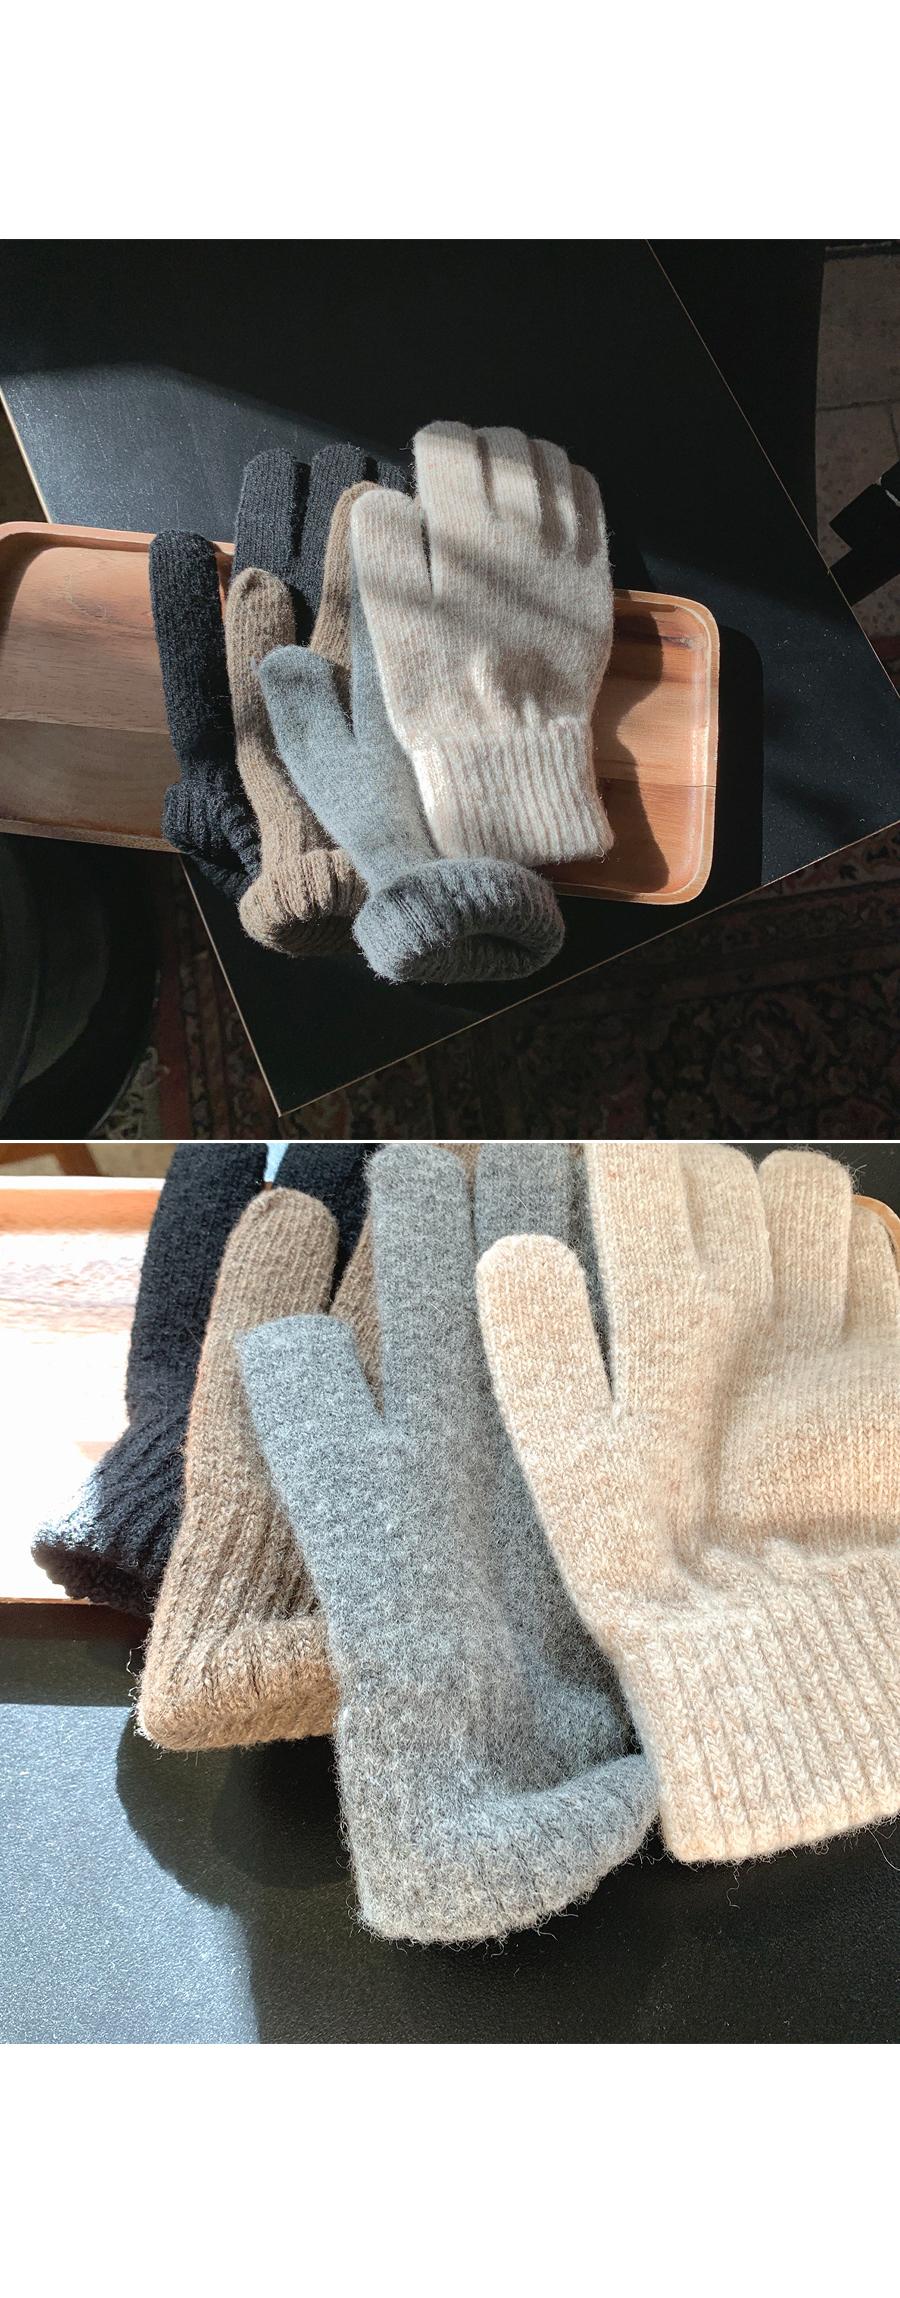 한겨울단짝 니트장갑